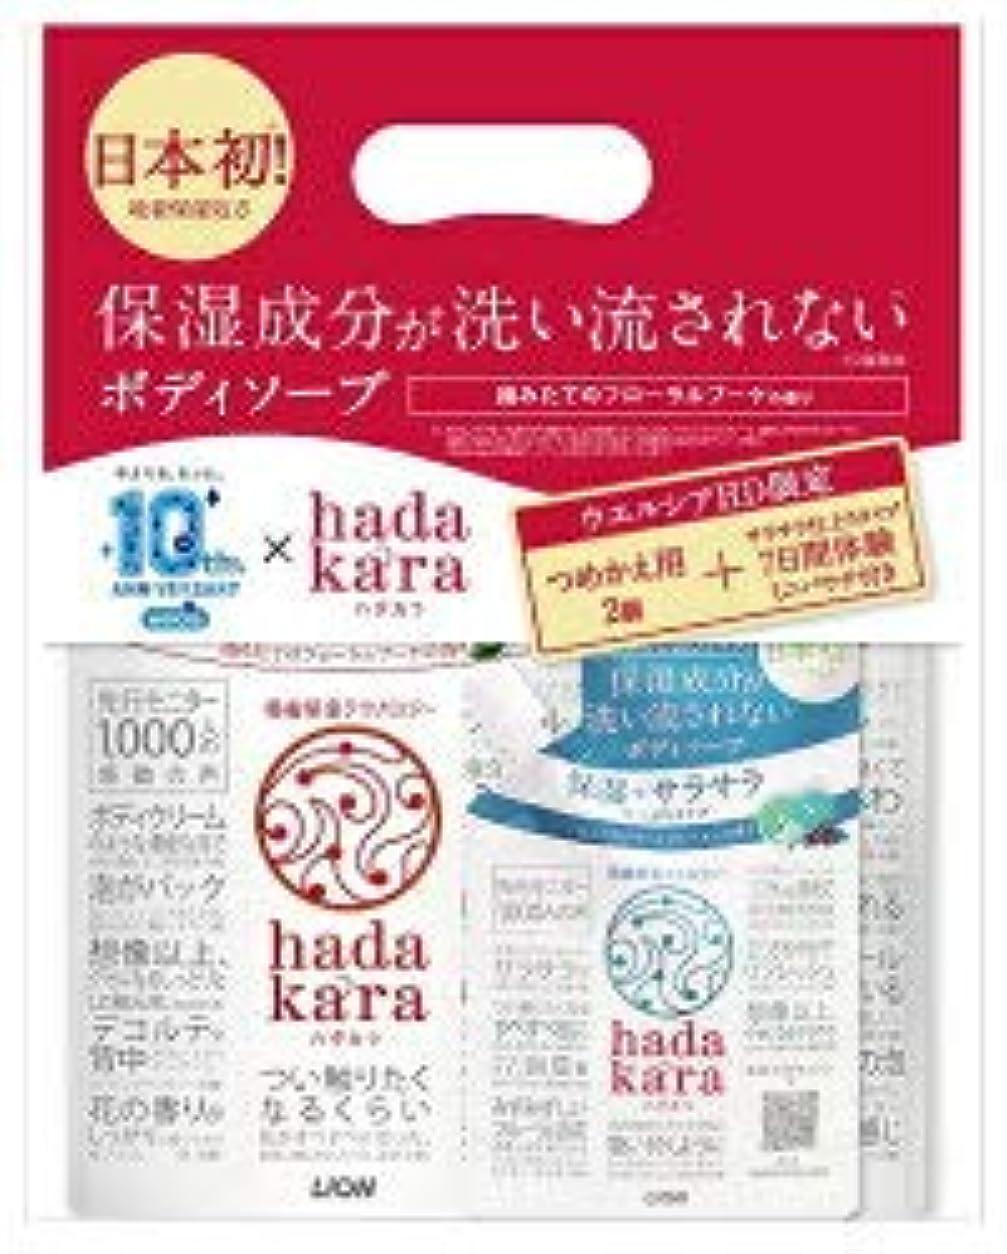 心理学パントリー土地ライオン hadakara フローラルブーケの香り 詰替 2個パック+ミニパウチ ボディソープ 6個セット